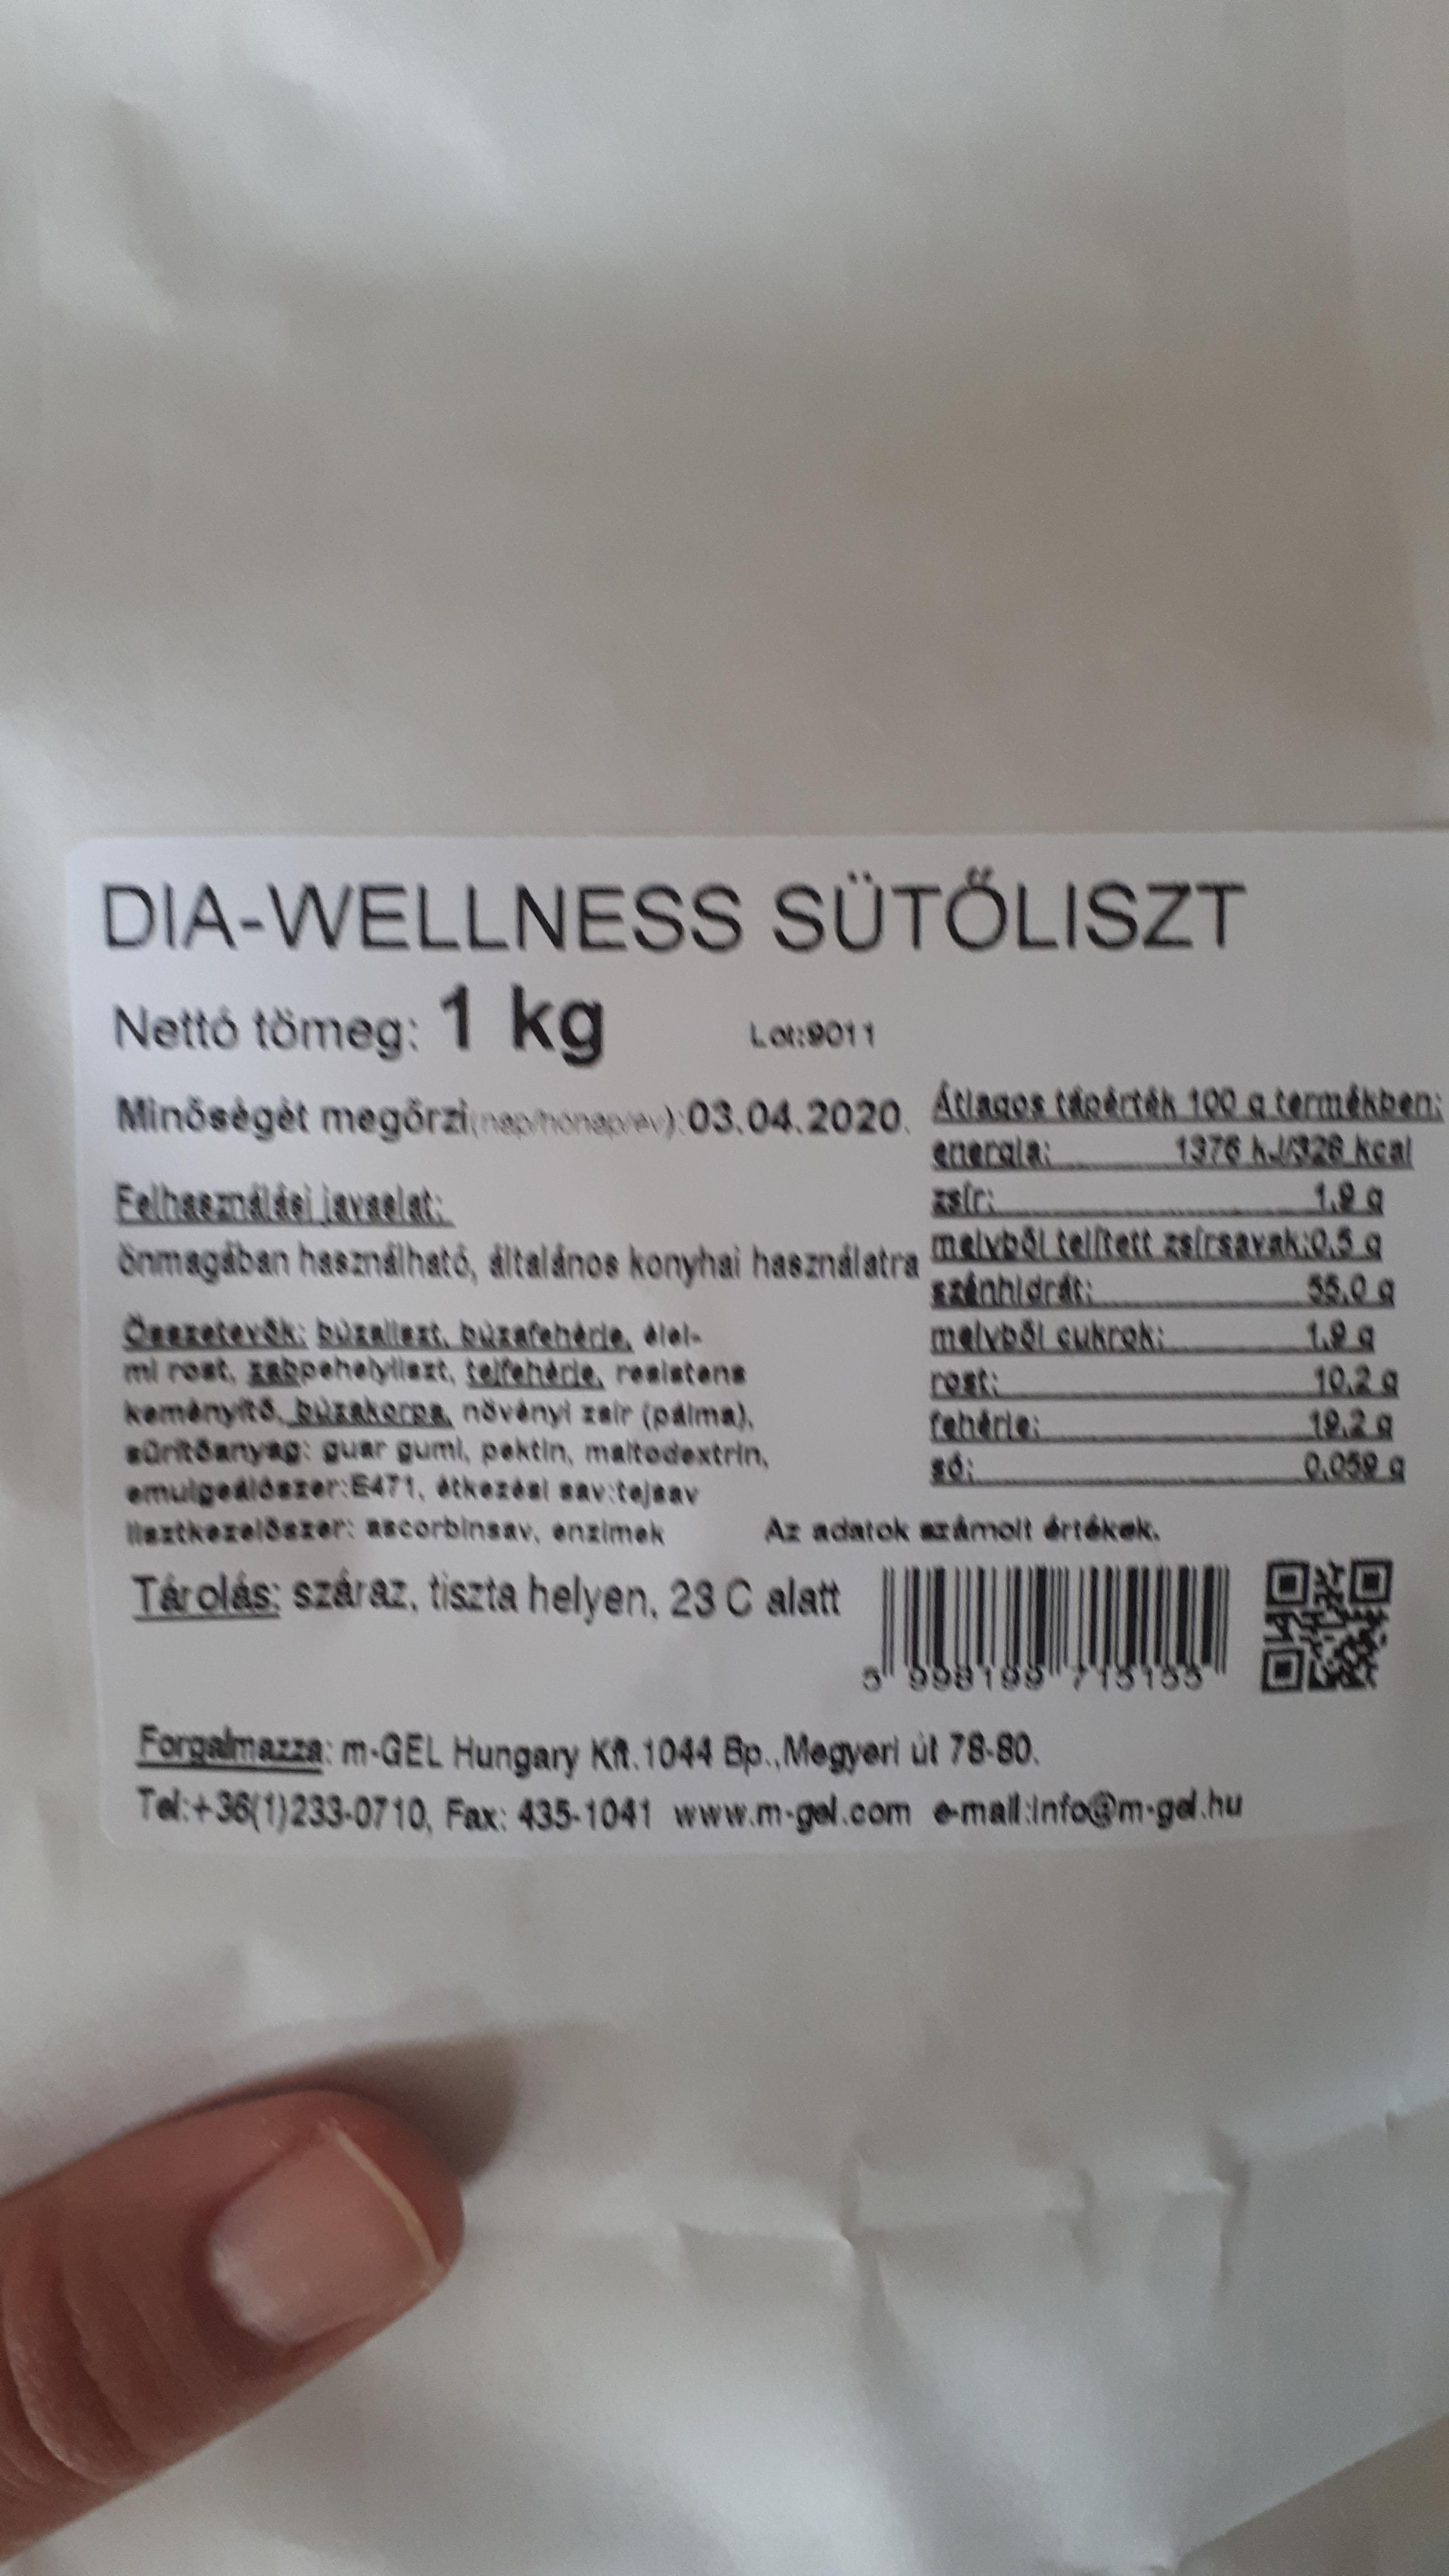 Dia Wellness Sütőliszt összetétele, tápértéke